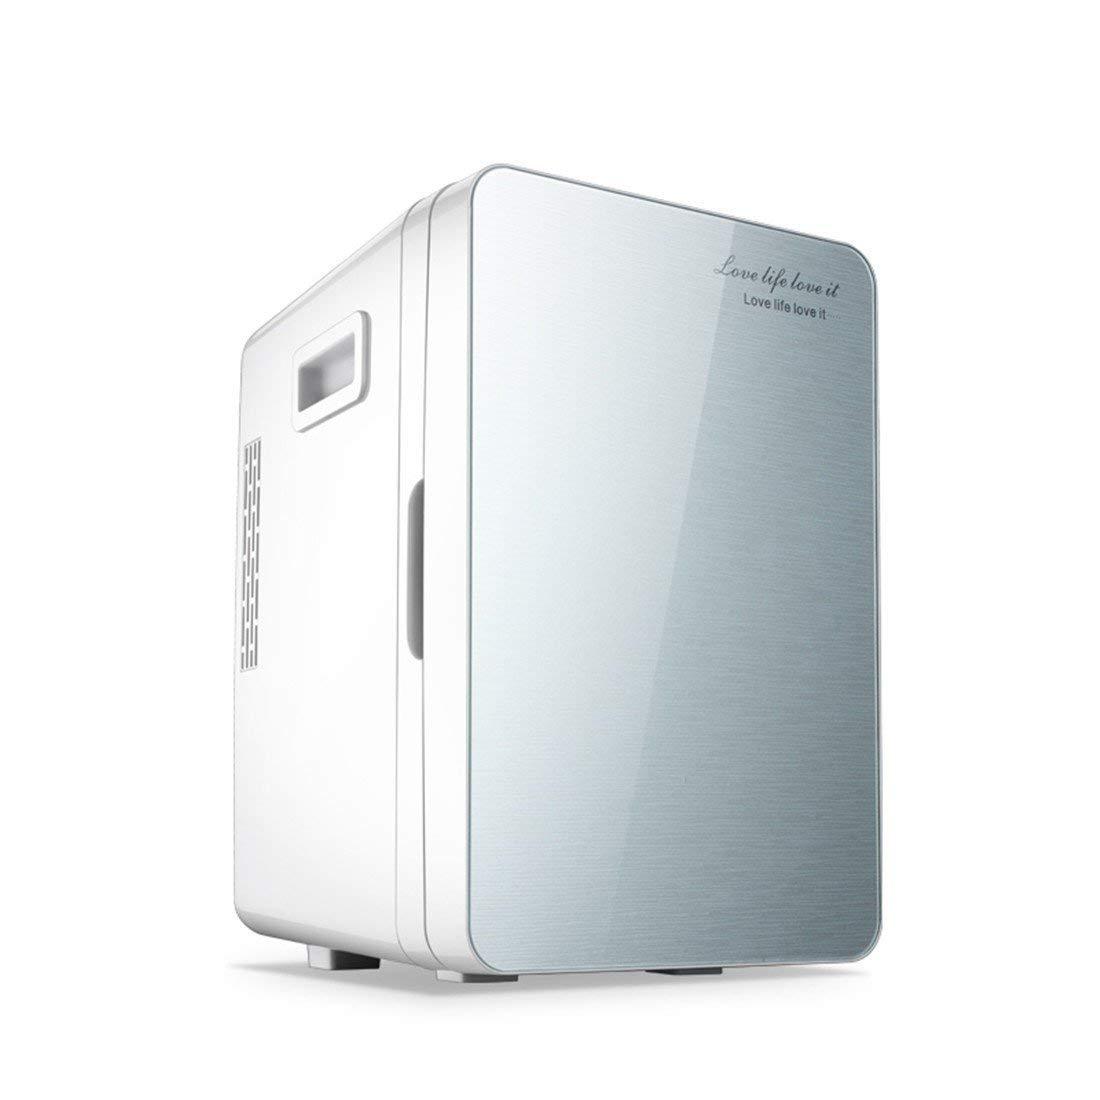 STAZSX Car refrigerator mini small refrigerator small refrigerator refrigerator car refrigerator, silver 20L-26.5X33X40cm